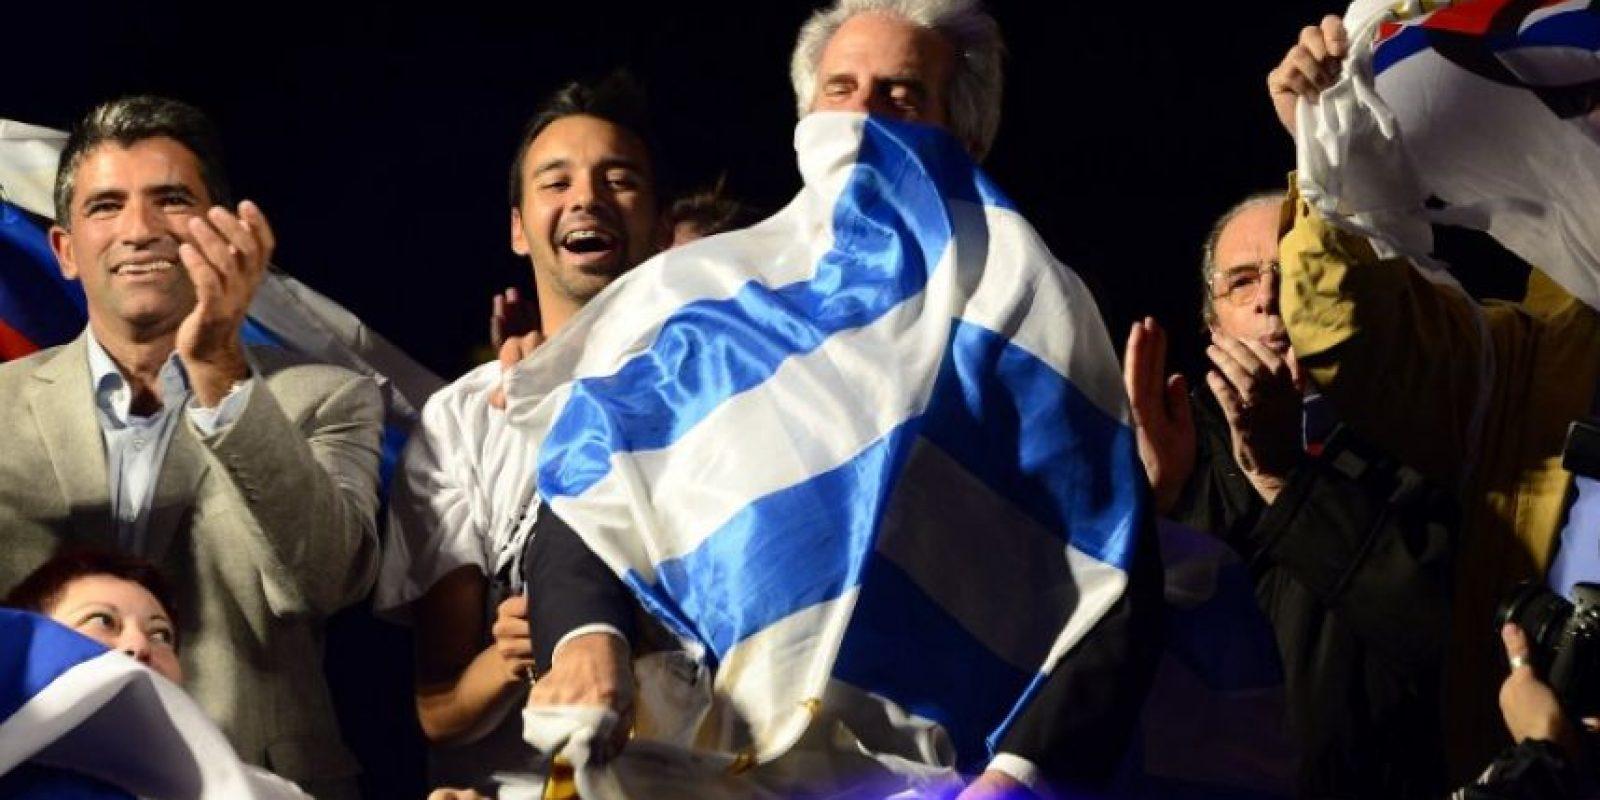 Segunda vuelta electoral en Uruguay. Regresa a la presidencia Tabaré Vázquez, presidente de 2000 a 2005. Foto:AFP